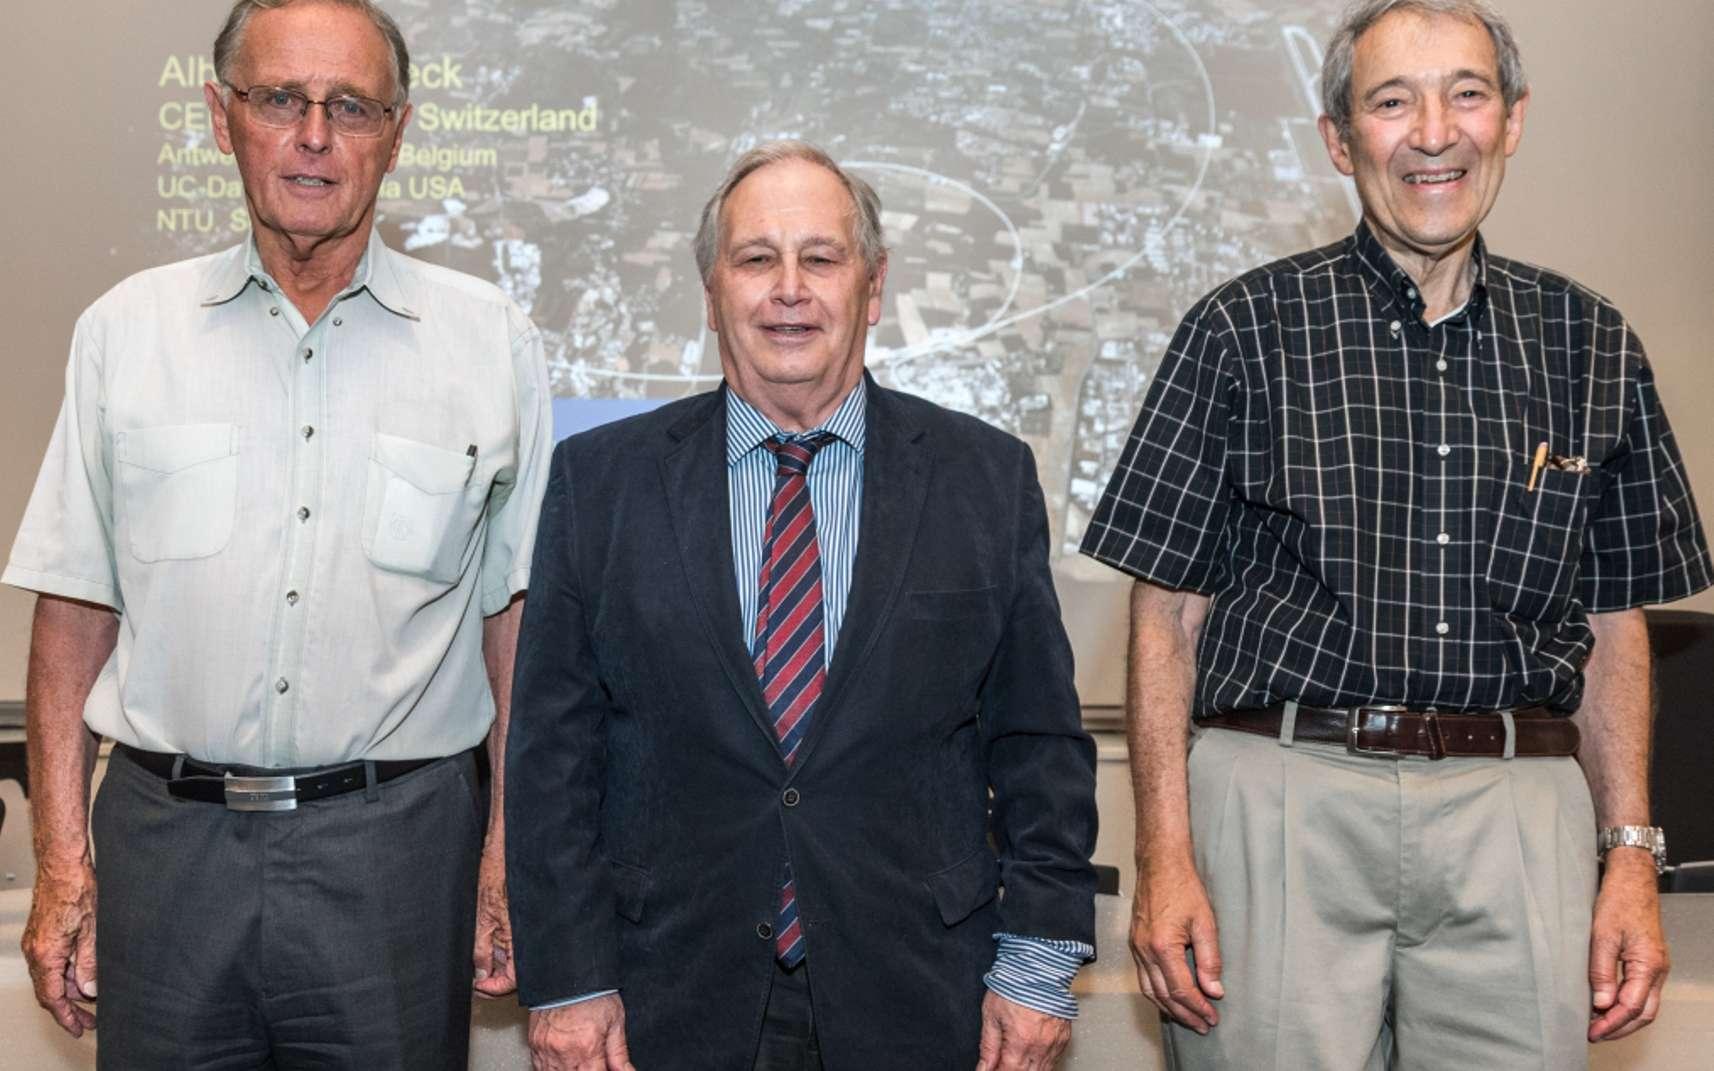 Peter van Nieuwenhuizen, Sergio Ferrara et Daniel Z. Freedman (de gauche à droite), photographiés au Cern en 2016 à l'occasion du 40e anniversaire de supergravity. © S Bennett, CERN